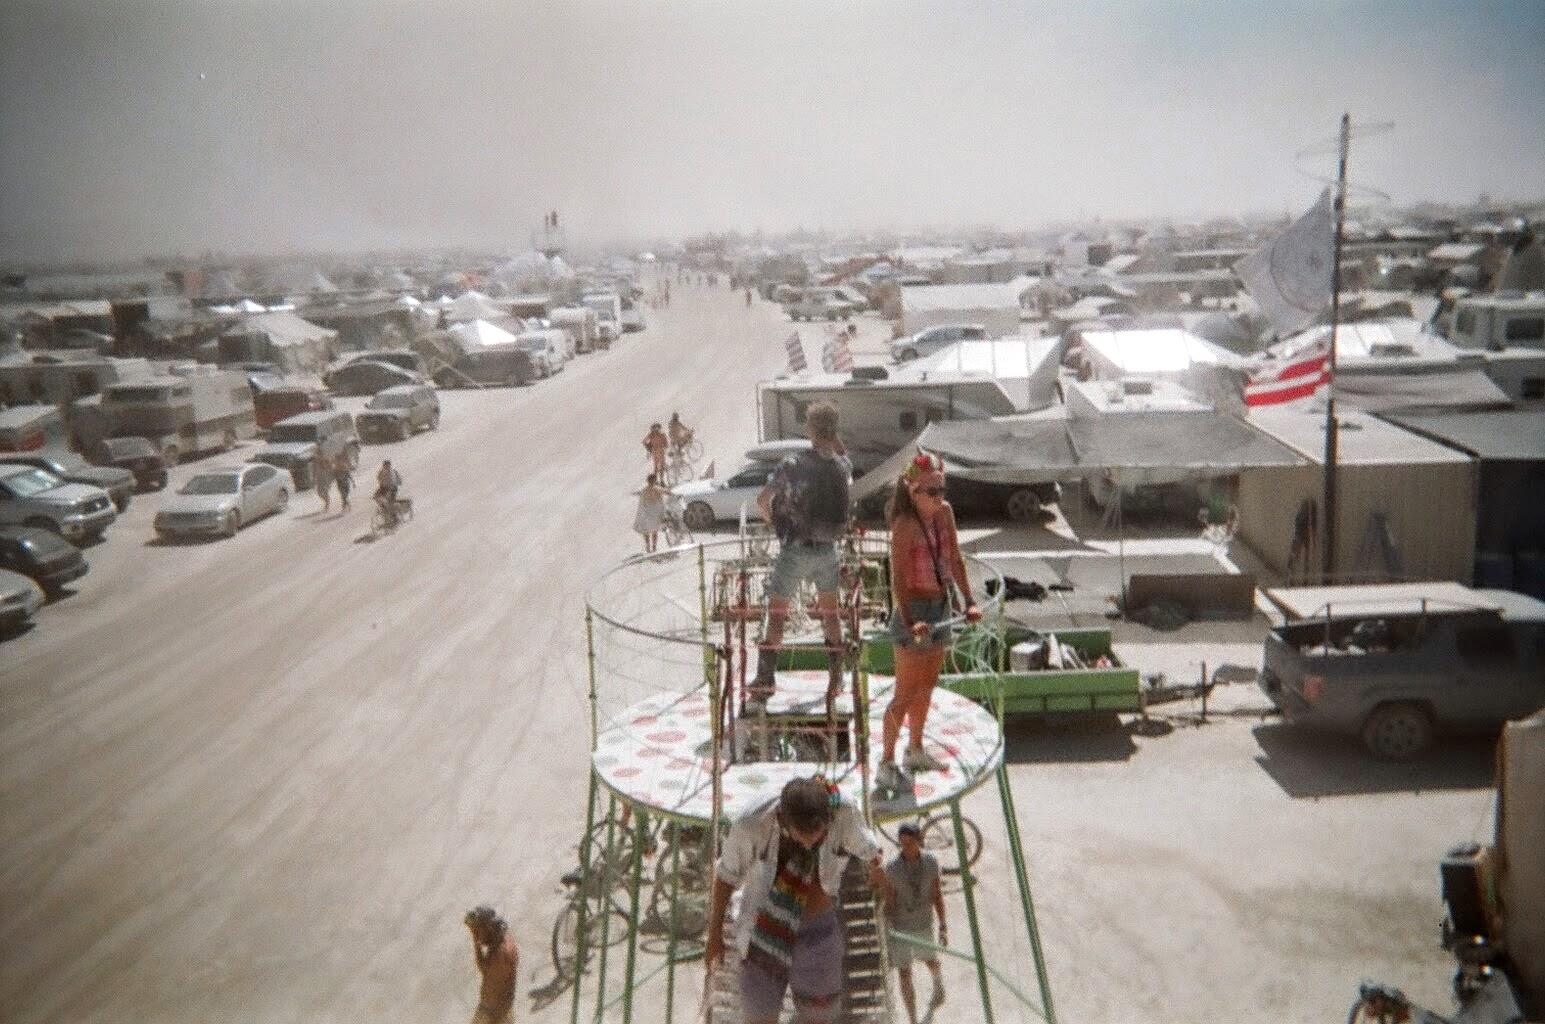 désert Burning Man art festival